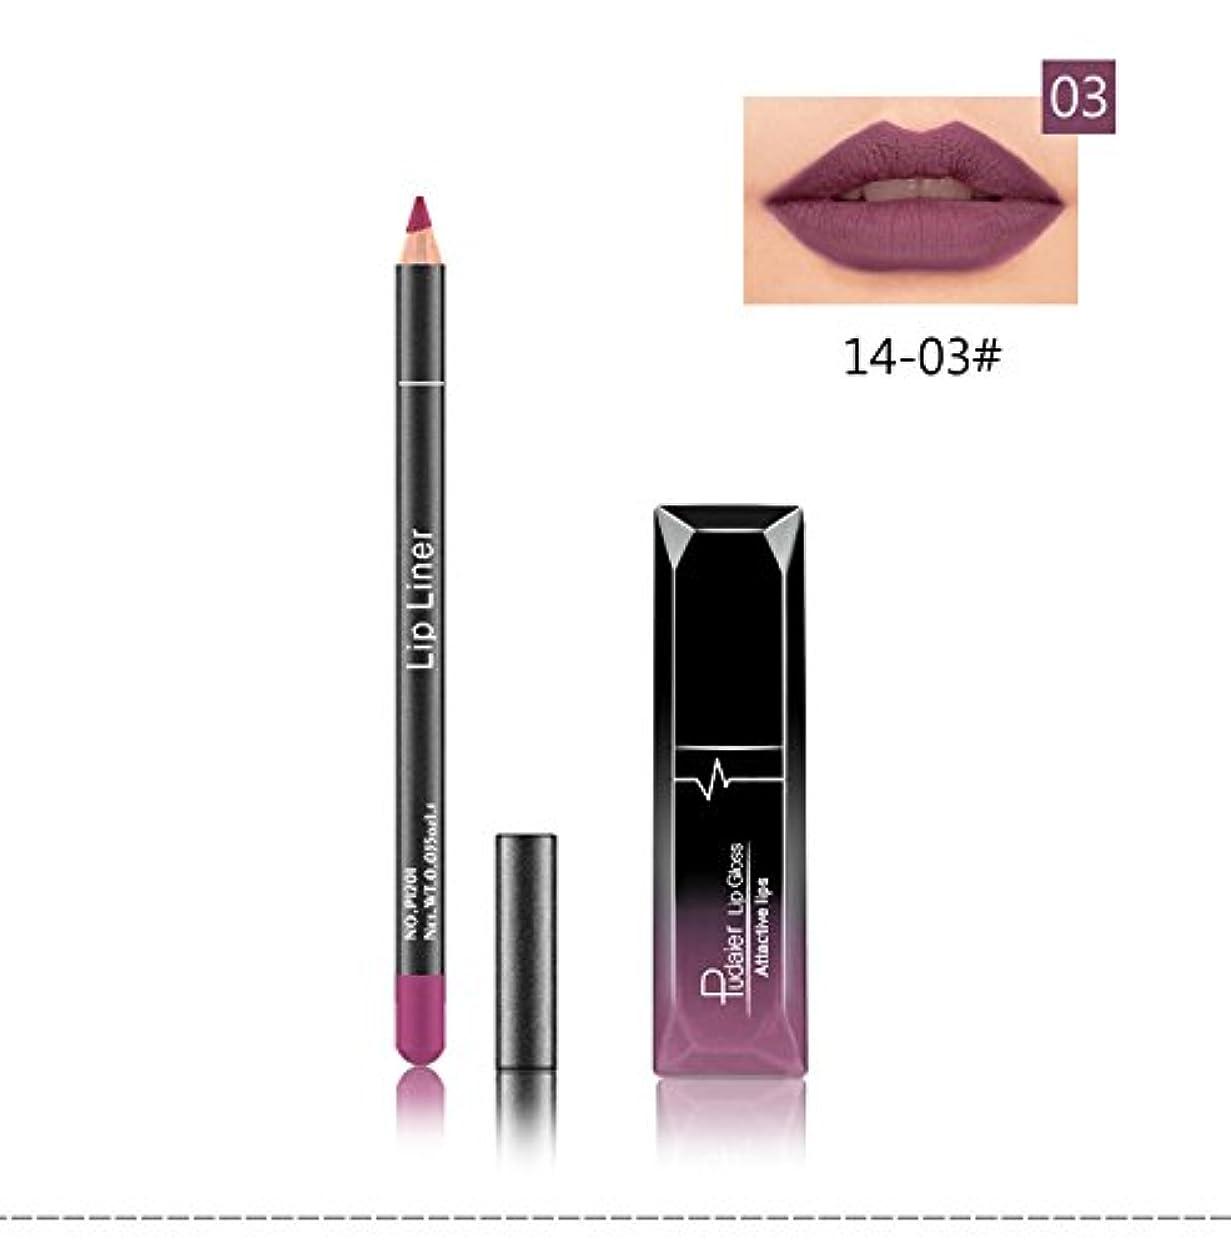 コピー靴ペフ(03) Pudaier 1pc Matte Liquid Lipstick Cosmetic Lip Kit+ 1 Pc Nude Lip Liner Pencil MakeUp Set Waterproof Long...